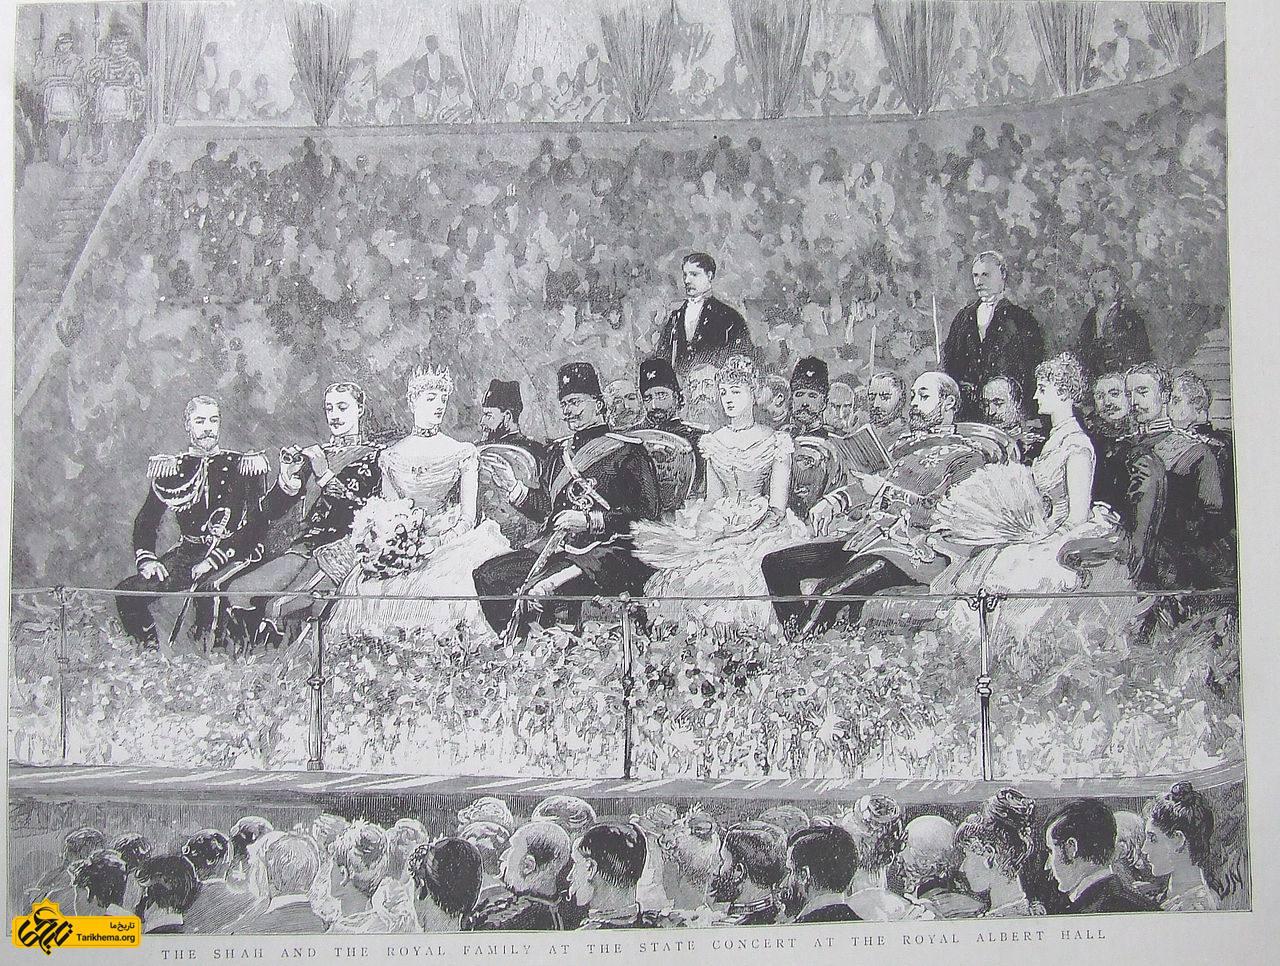 شاه در سفر اروپایی خود در آلبرت هال لندن همراه با سلاطین بریتانیا و روسیه